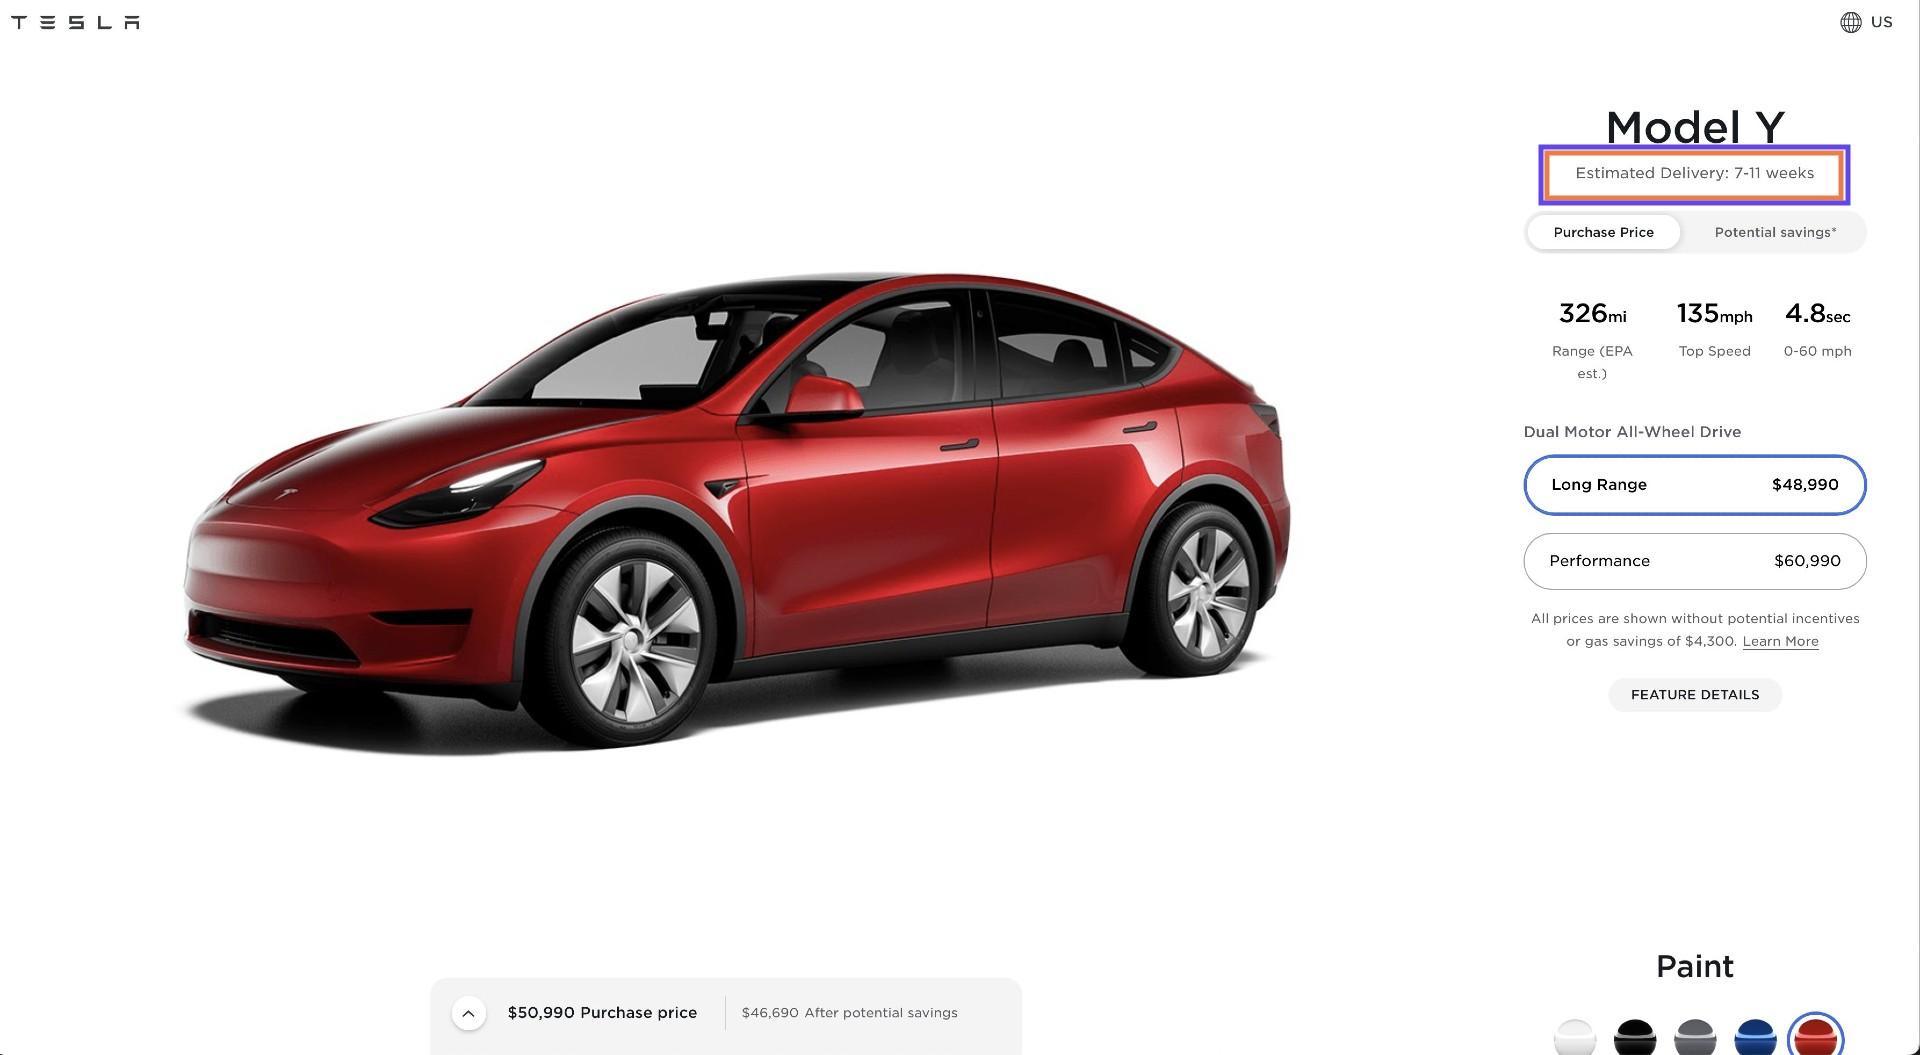 tesla-model-y-delivery-timeframe-march-2021